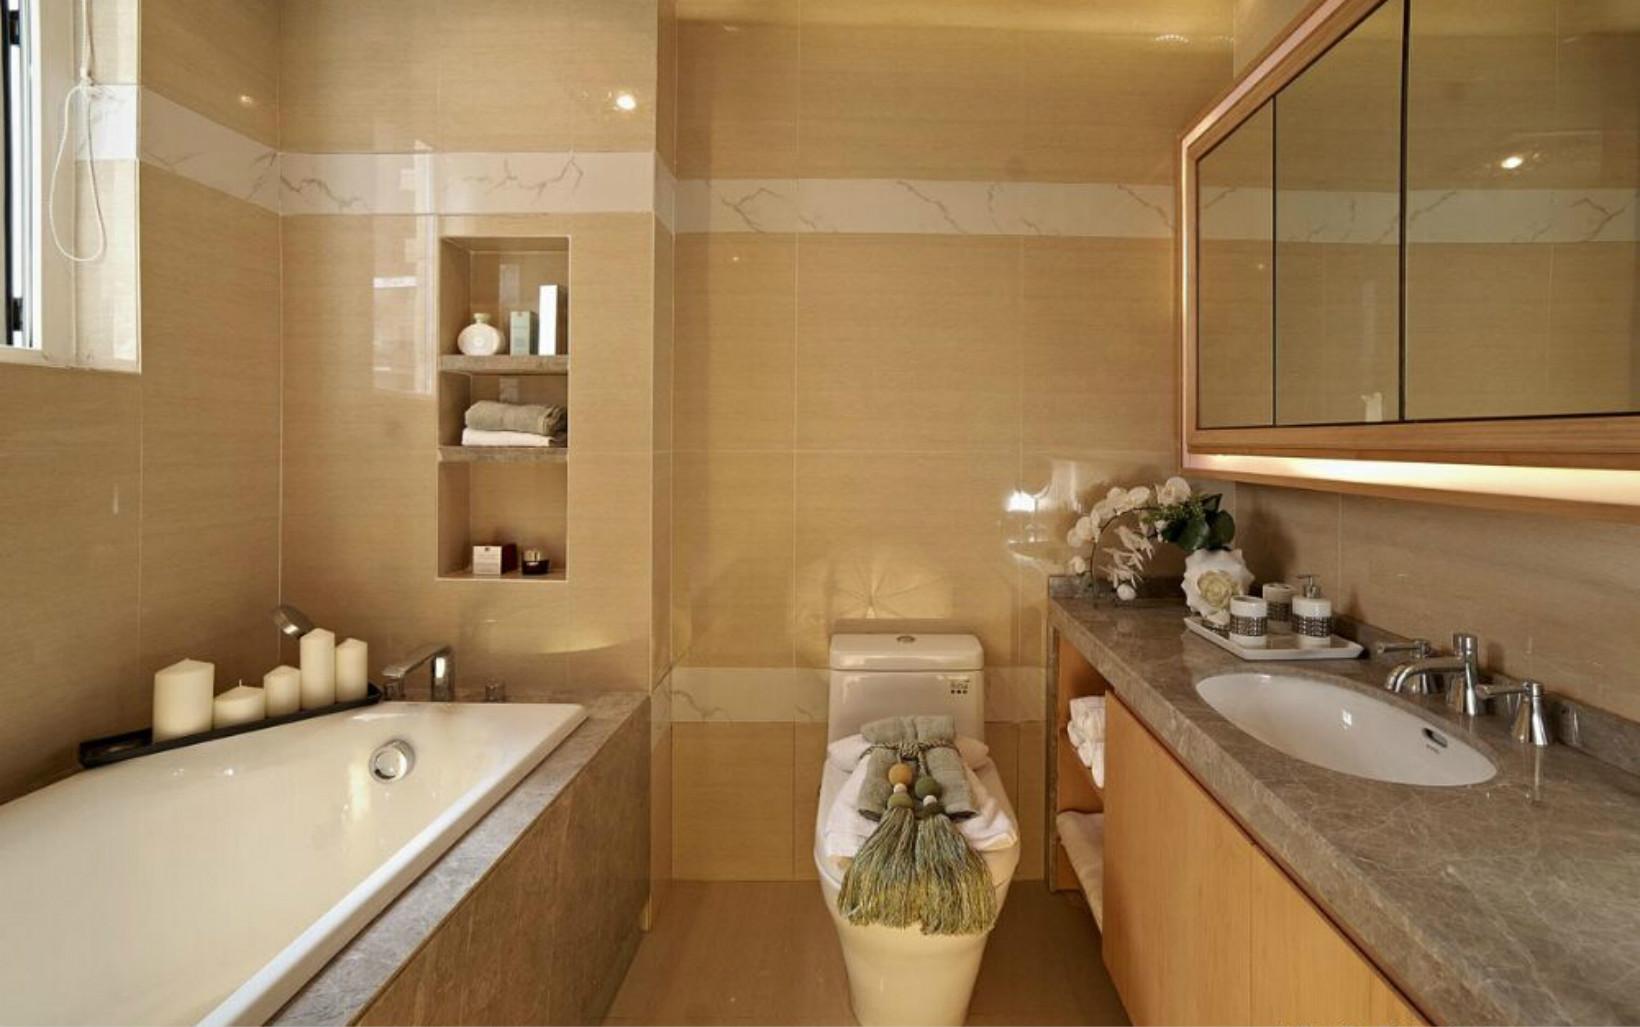 卫生间的装修是干湿分离的,很是简洁实用的想法。